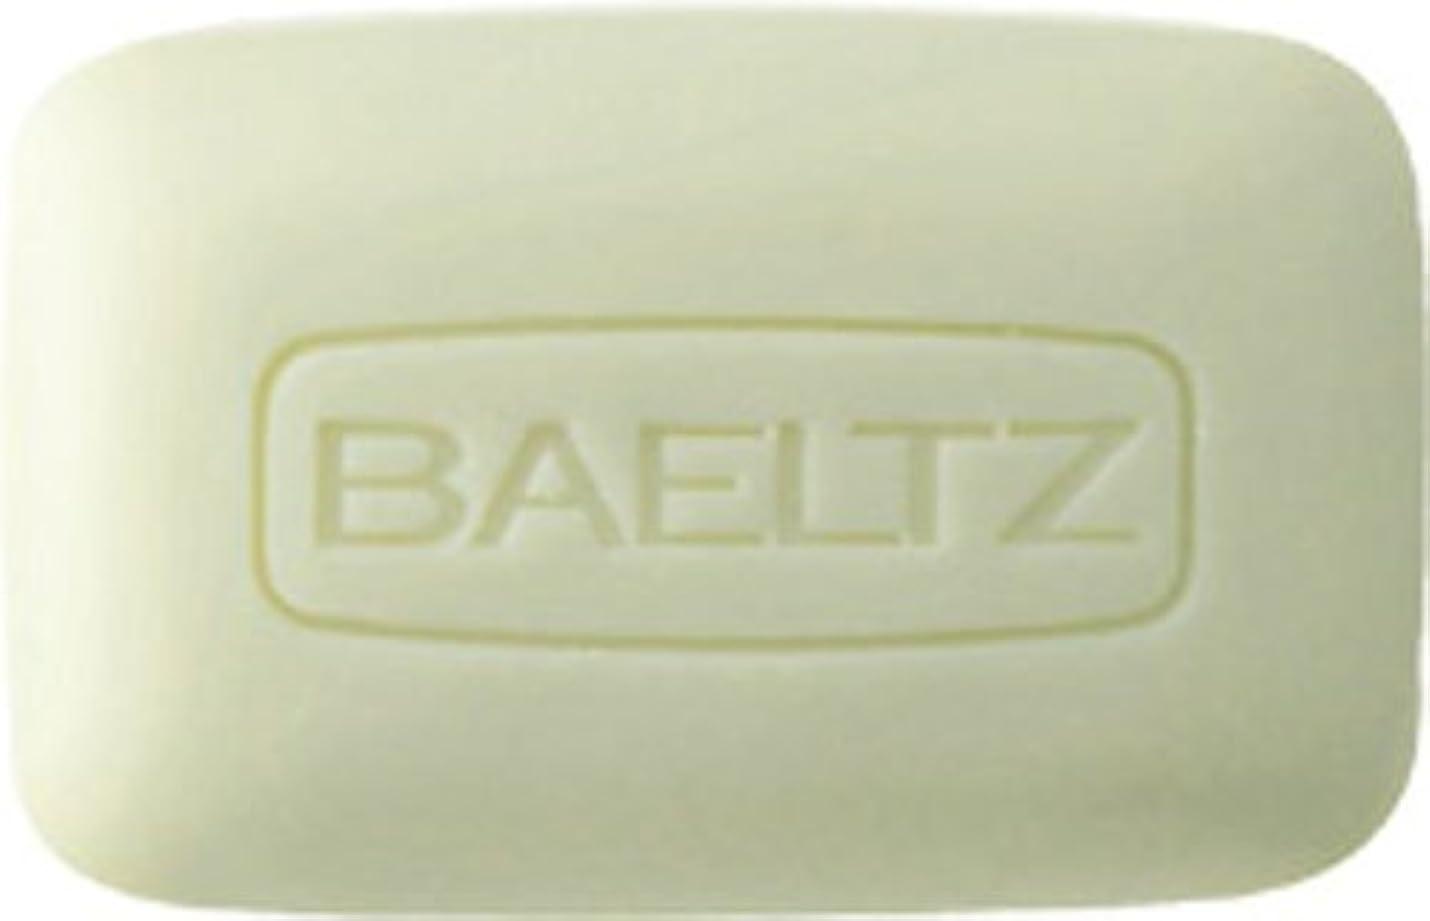 成熟怠けた溶けるドクターベルツ(Dr.BAELTZ) モイスチュアソープ DN 80g(洗顔石けん)